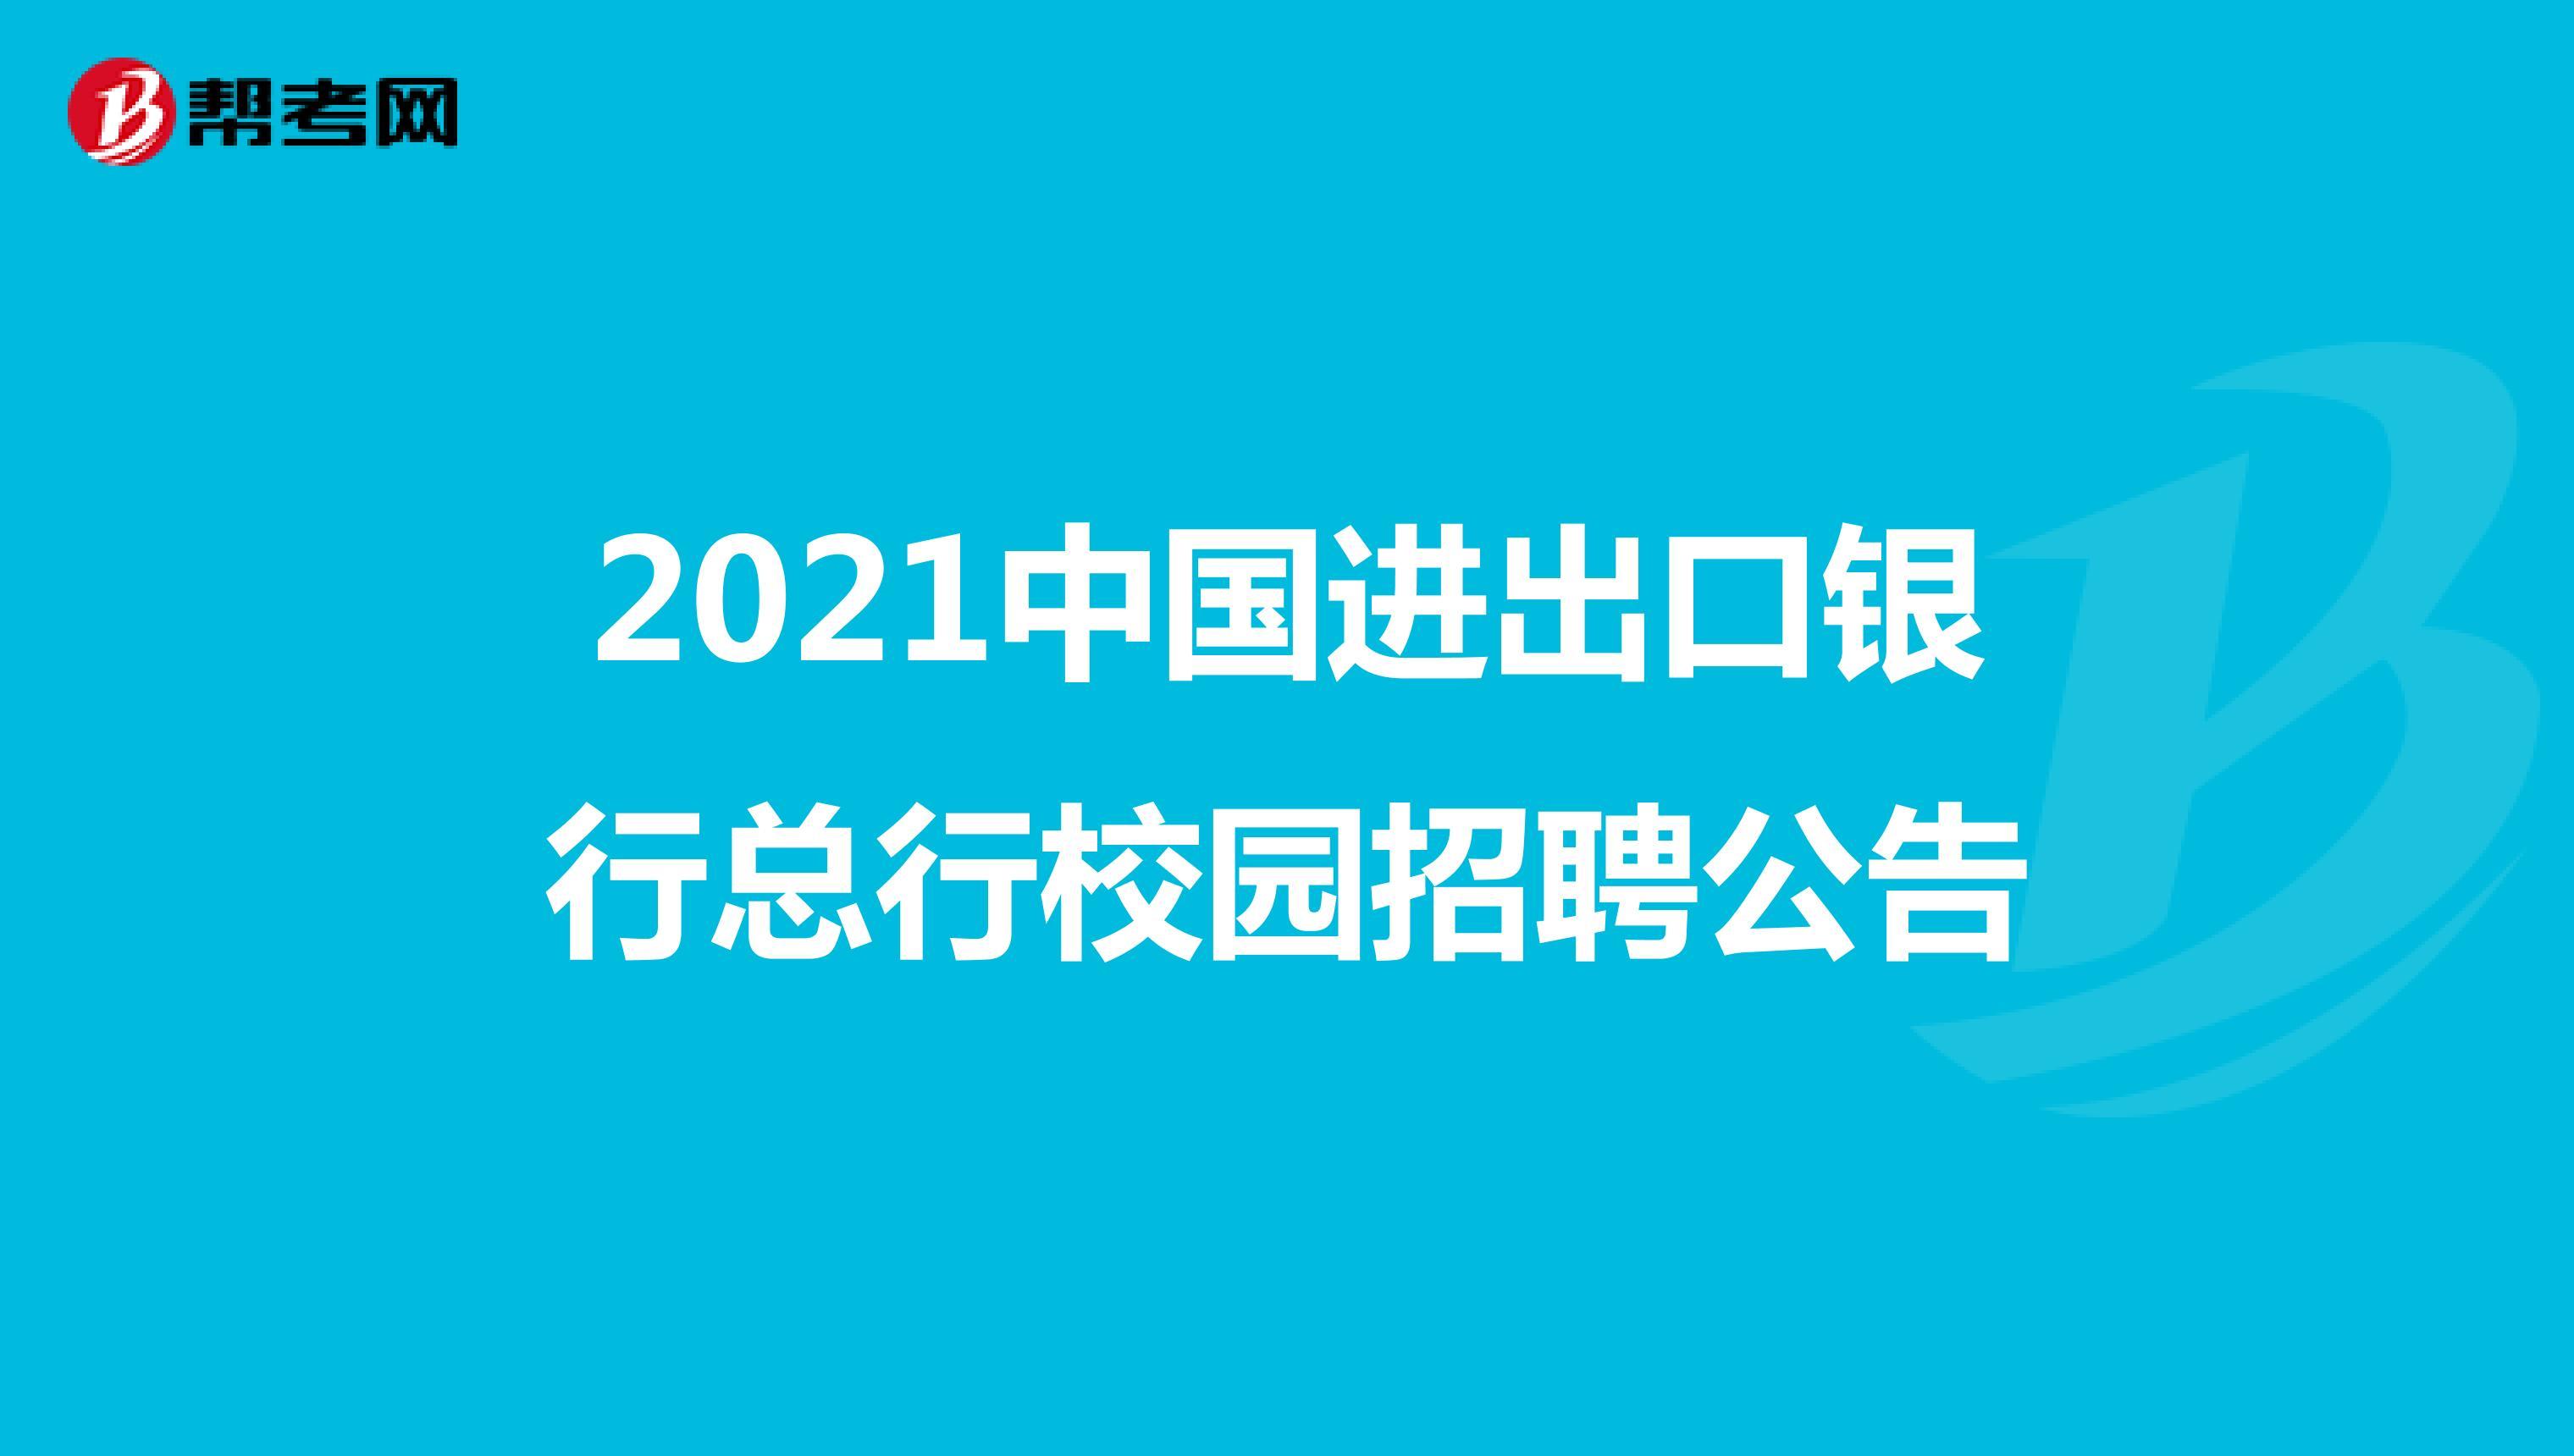 2021中国进出口银行总行校园招聘公告